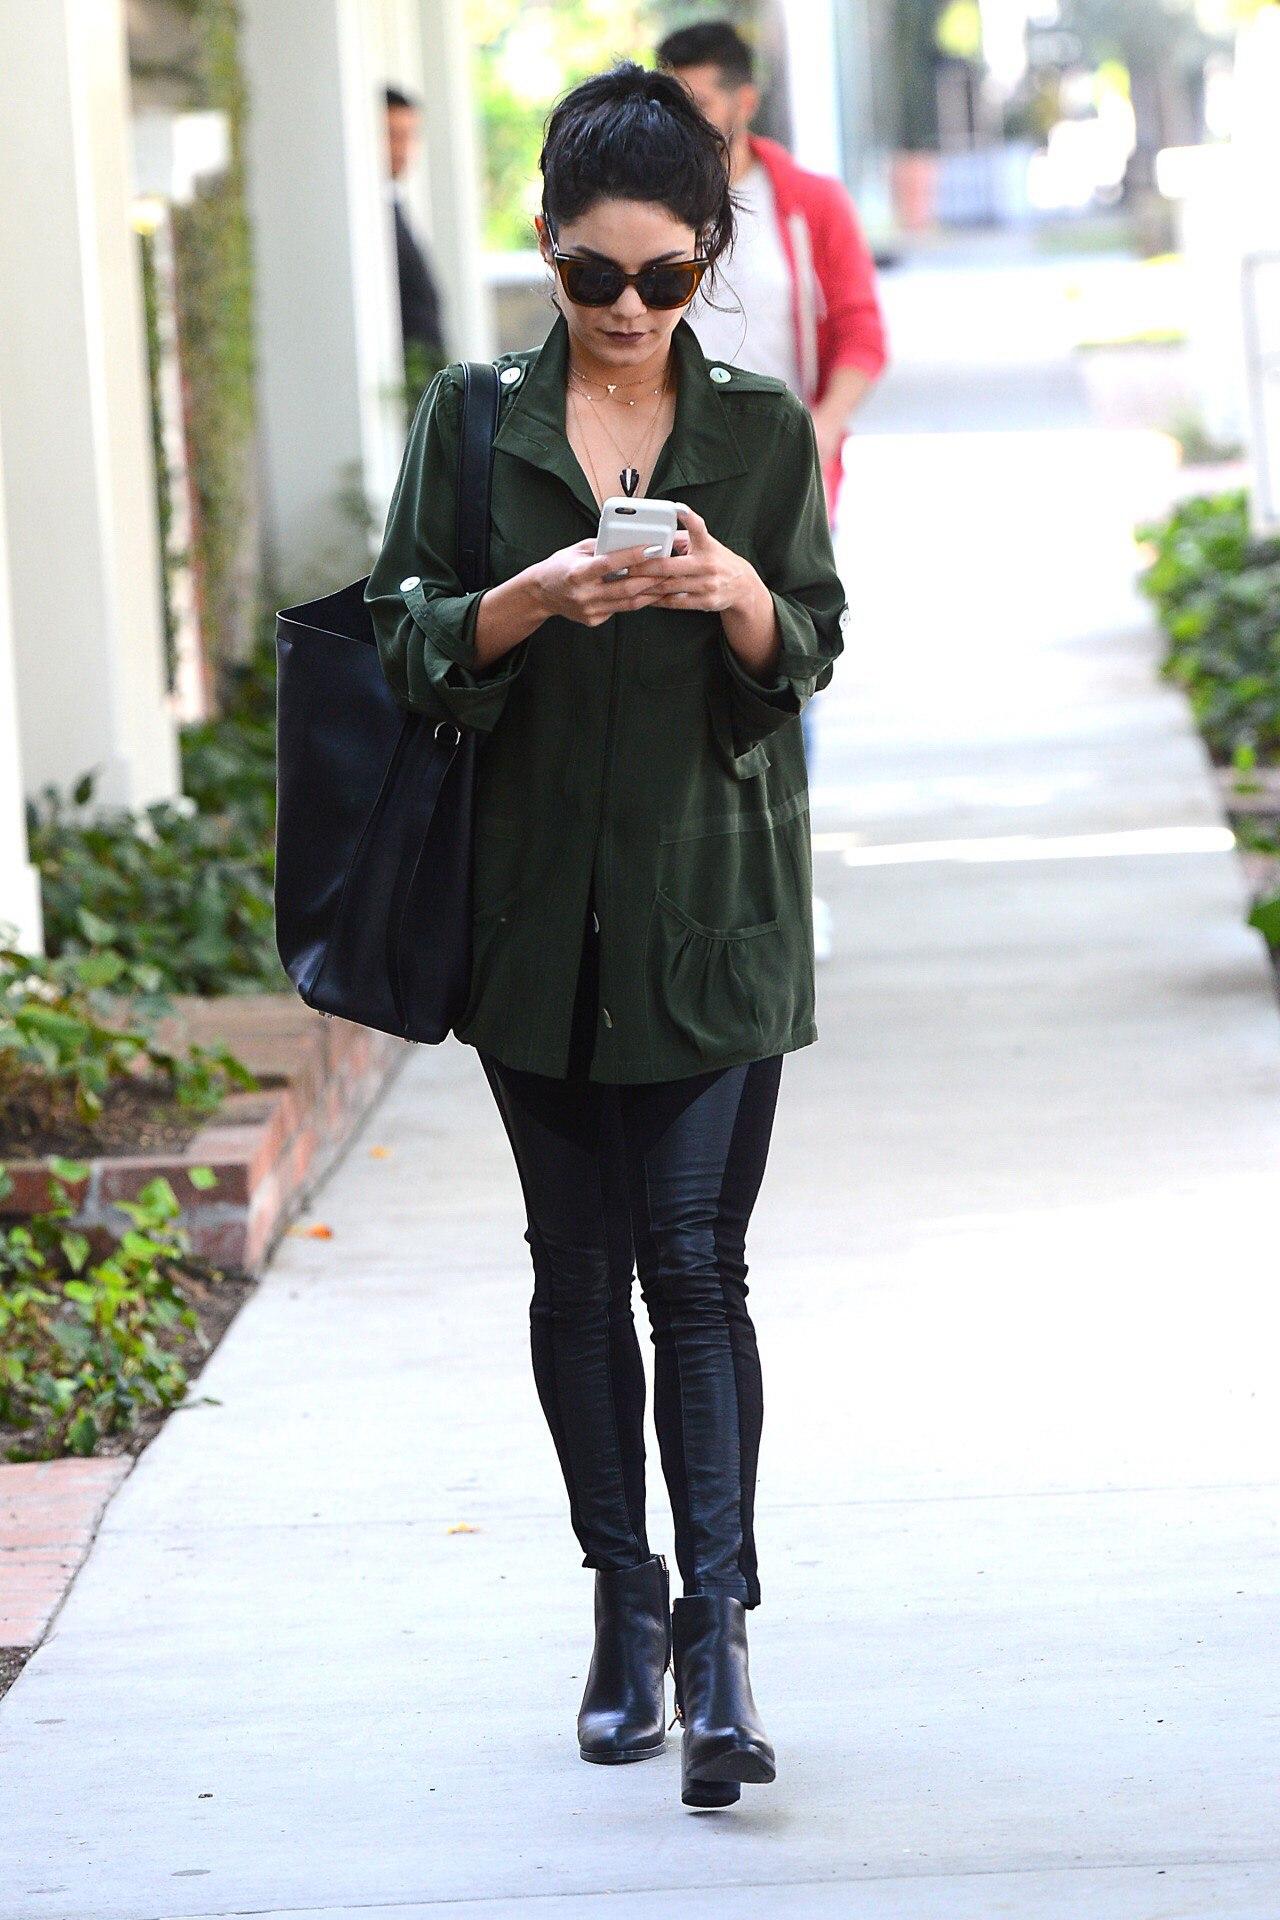 Vanessa Hudgens leaving Kate Somerville Skin Care